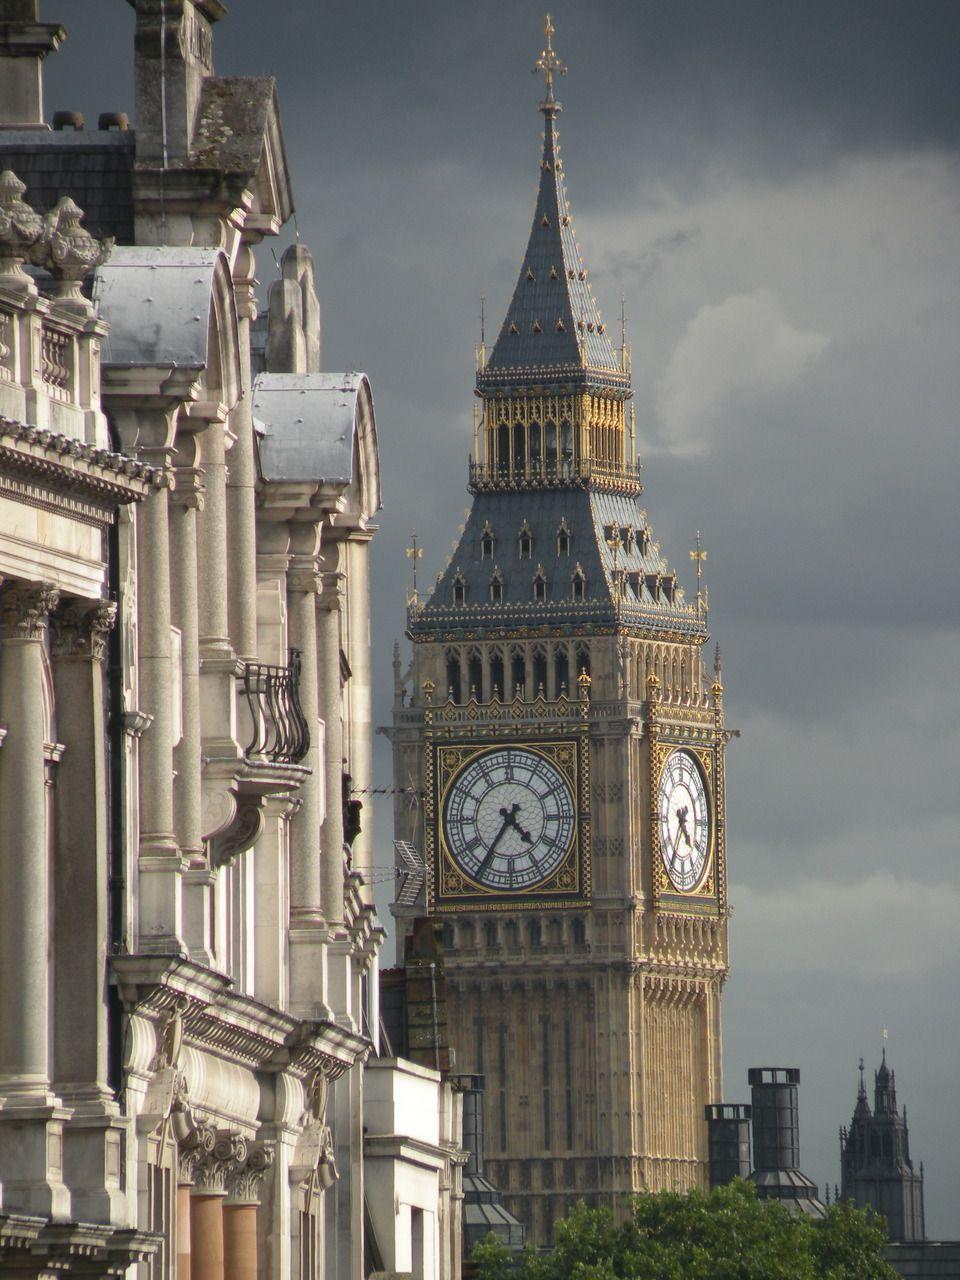 london big ben Big ben (torre del reloj): sigue en obras - 28341 opiniones y 14520 fotos de viajeros, y ofertas fantásticas para londres, uk en tripadvisor.